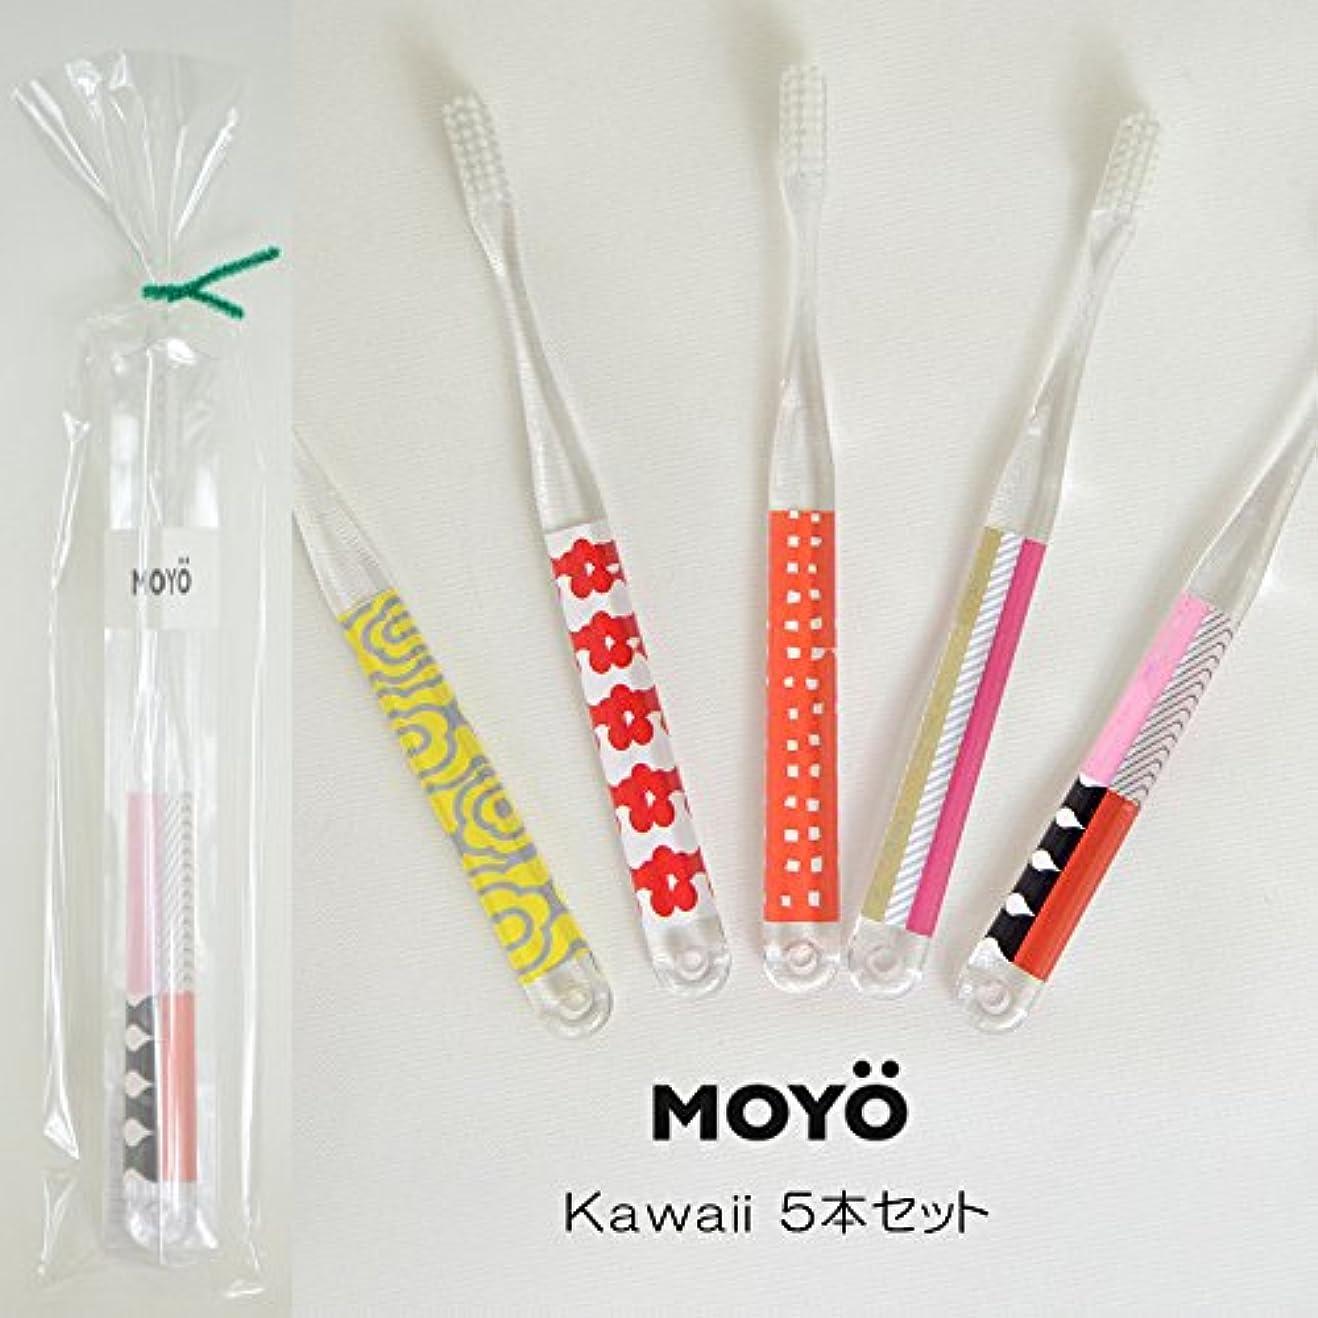 びんチューインガムボトルMOYO モヨウ 歯ブラシ kawaii5本 プチ ギフト セット_562302-kawaii 【F】,kawaii5本セット